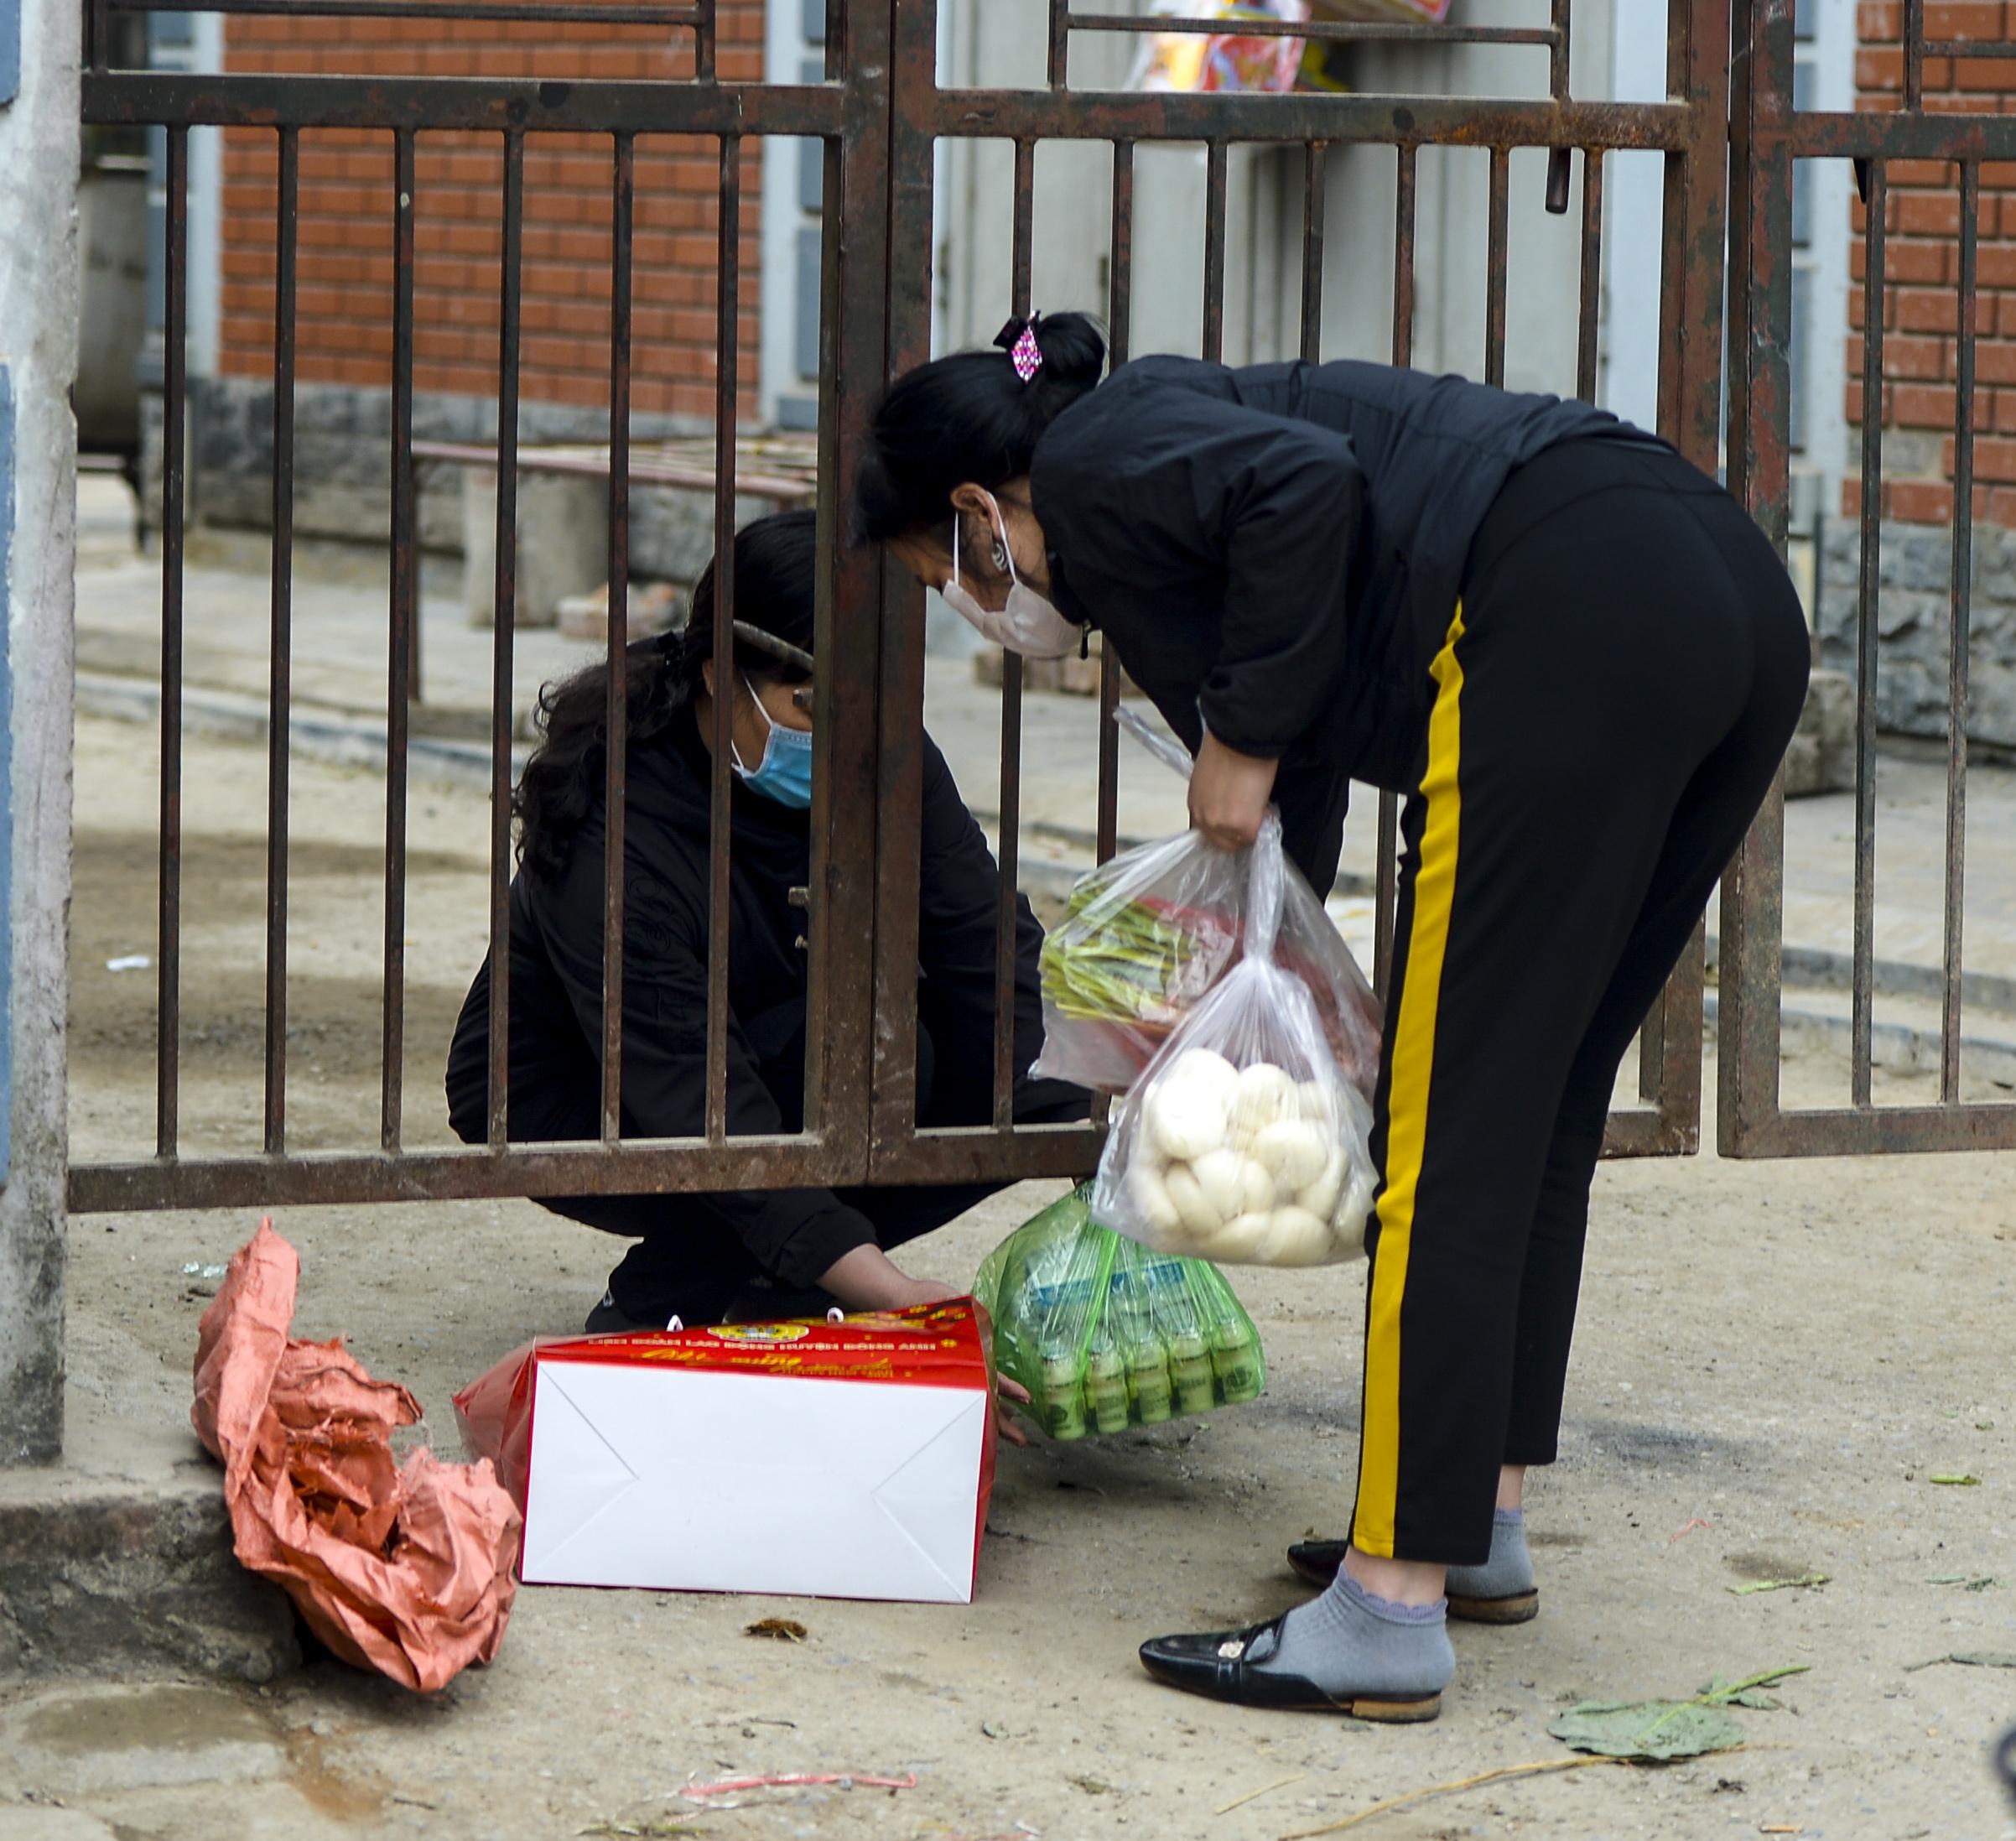 Hà Nội: Một gia đình dùng xe bán tải tiếp tế đồ cho người thân đang bị cách ly ở Đông Anh - Ảnh 3.